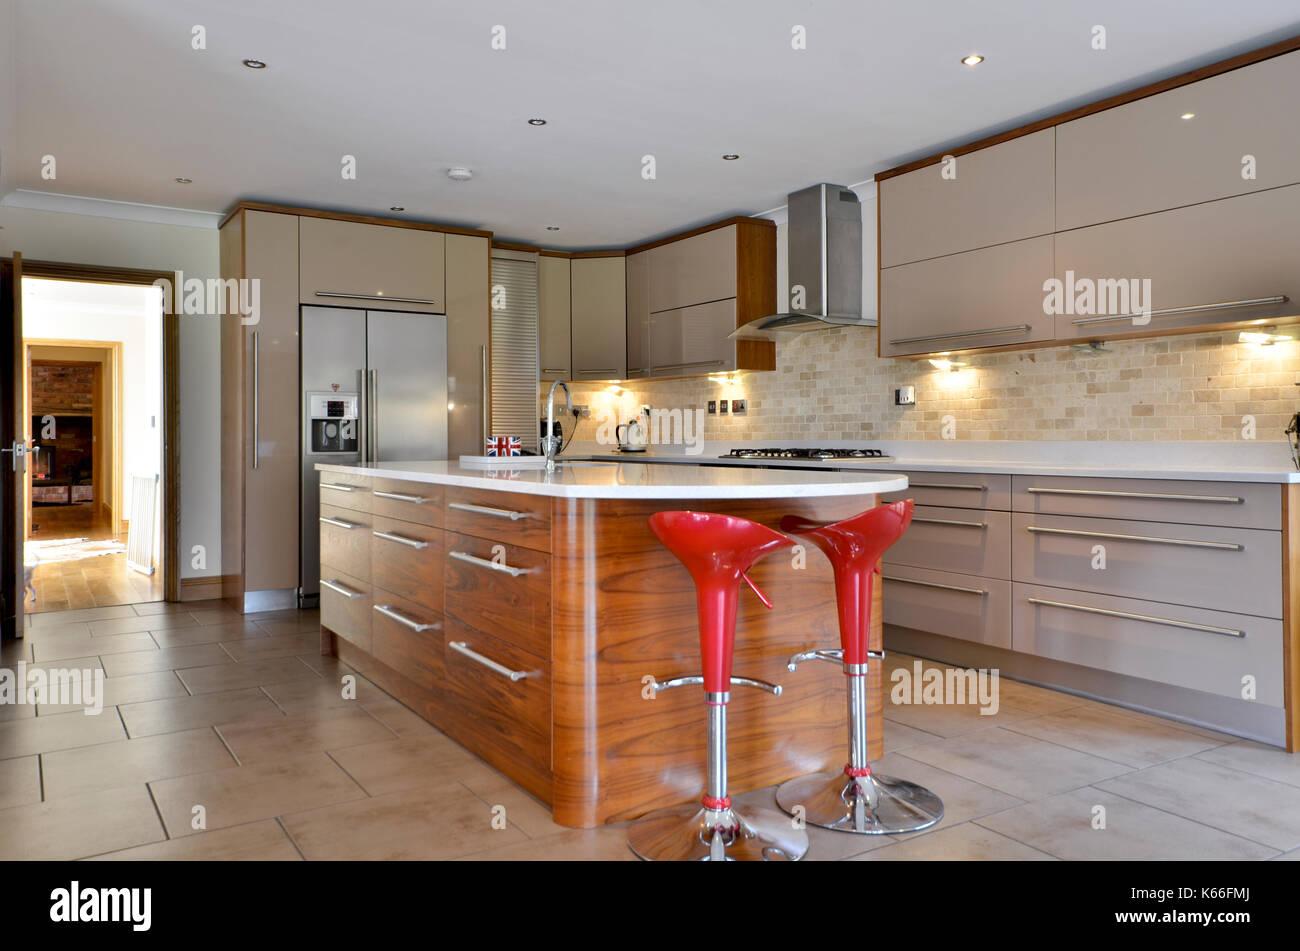 La colazione bar con sgabelli rosso cucina nuova foto immagine